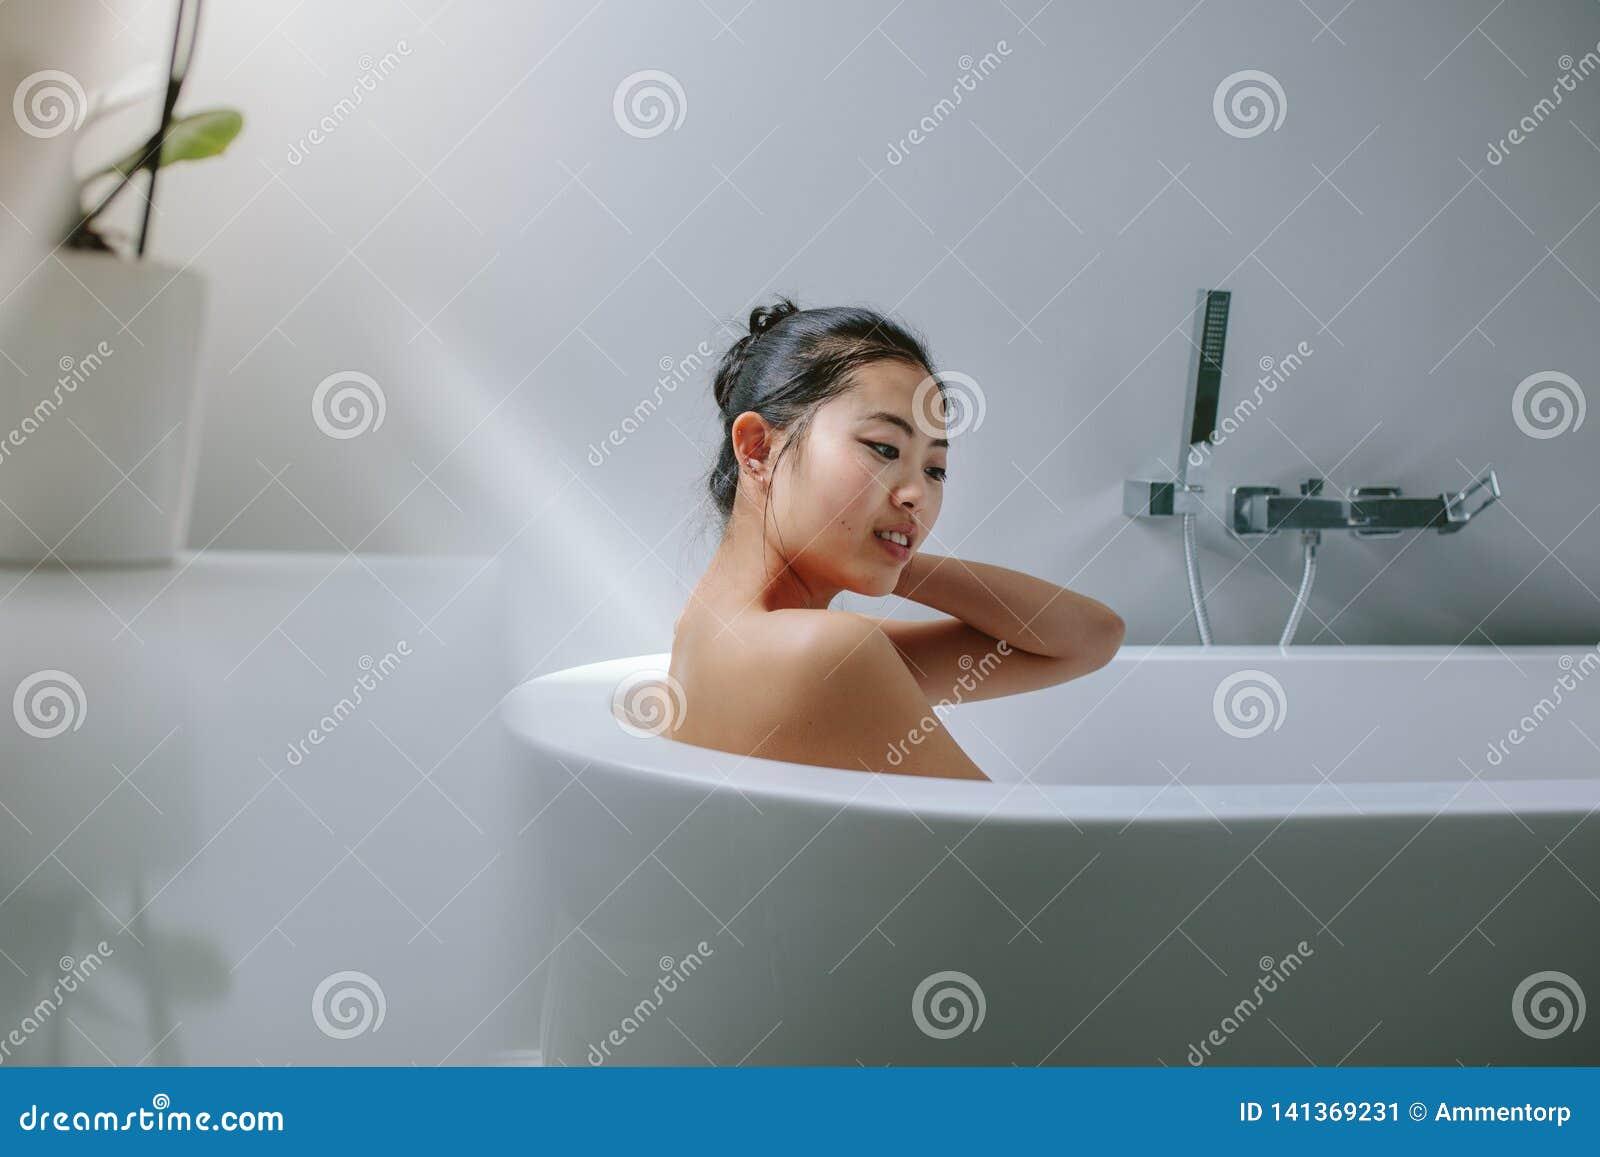 Νέα ασιατική γυναίκα στην μπανιέρα